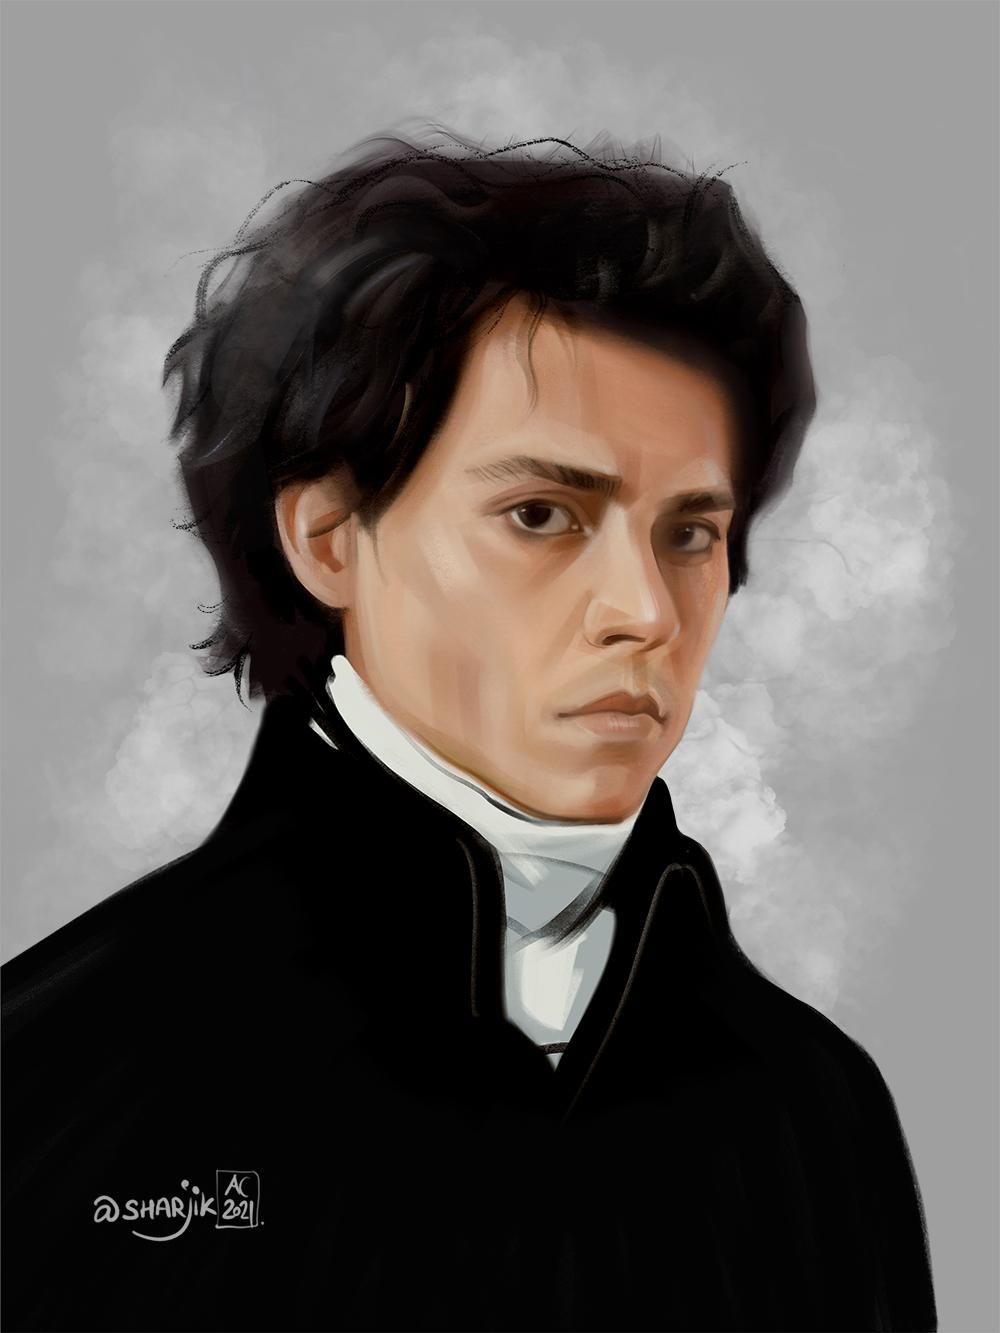 портрет джонни депп, портрет на айпаде, цифровая иллюстрация